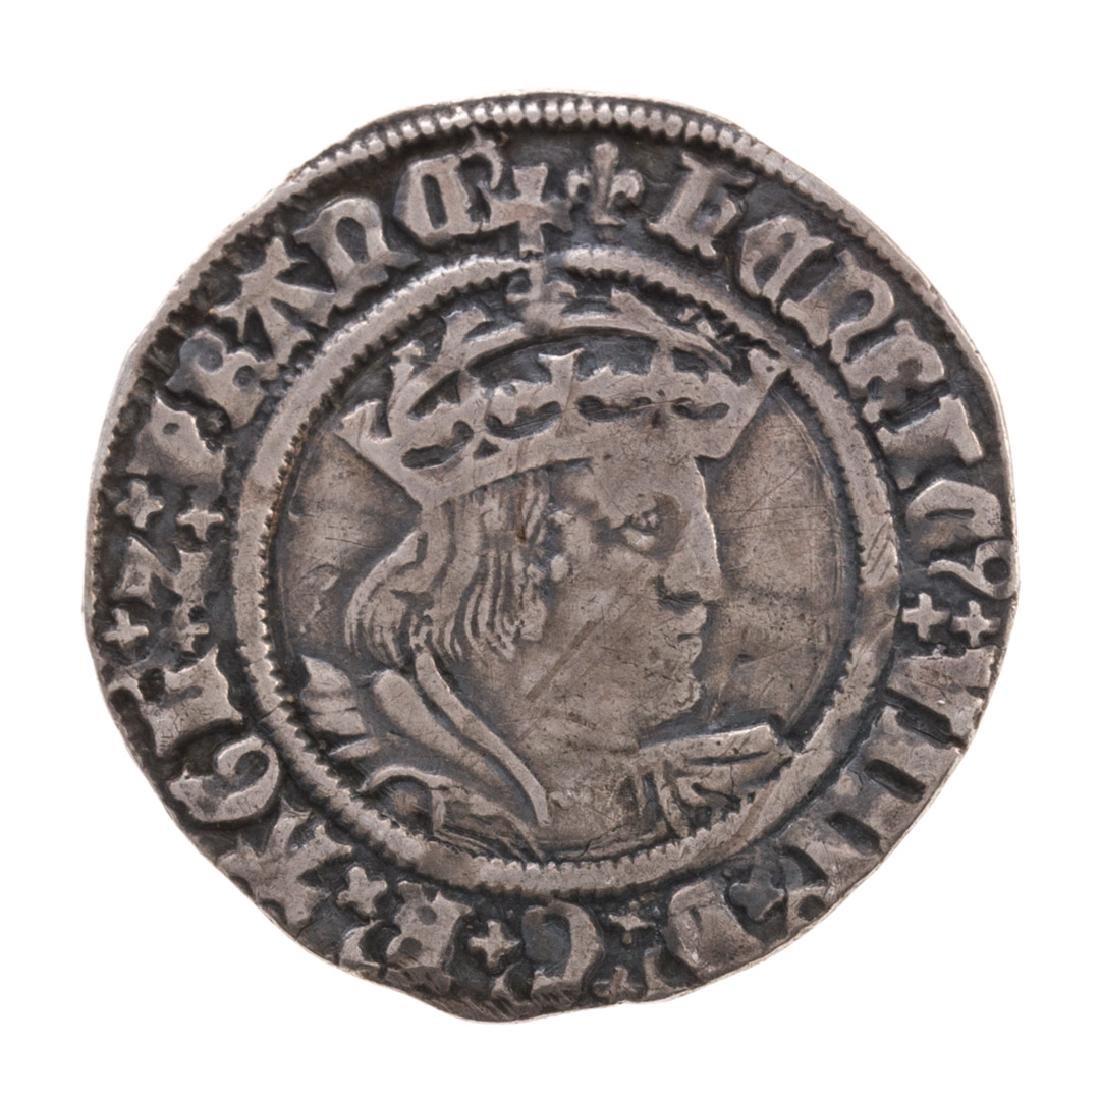 [World] Henry VIII Silver Groat, 1529-1532